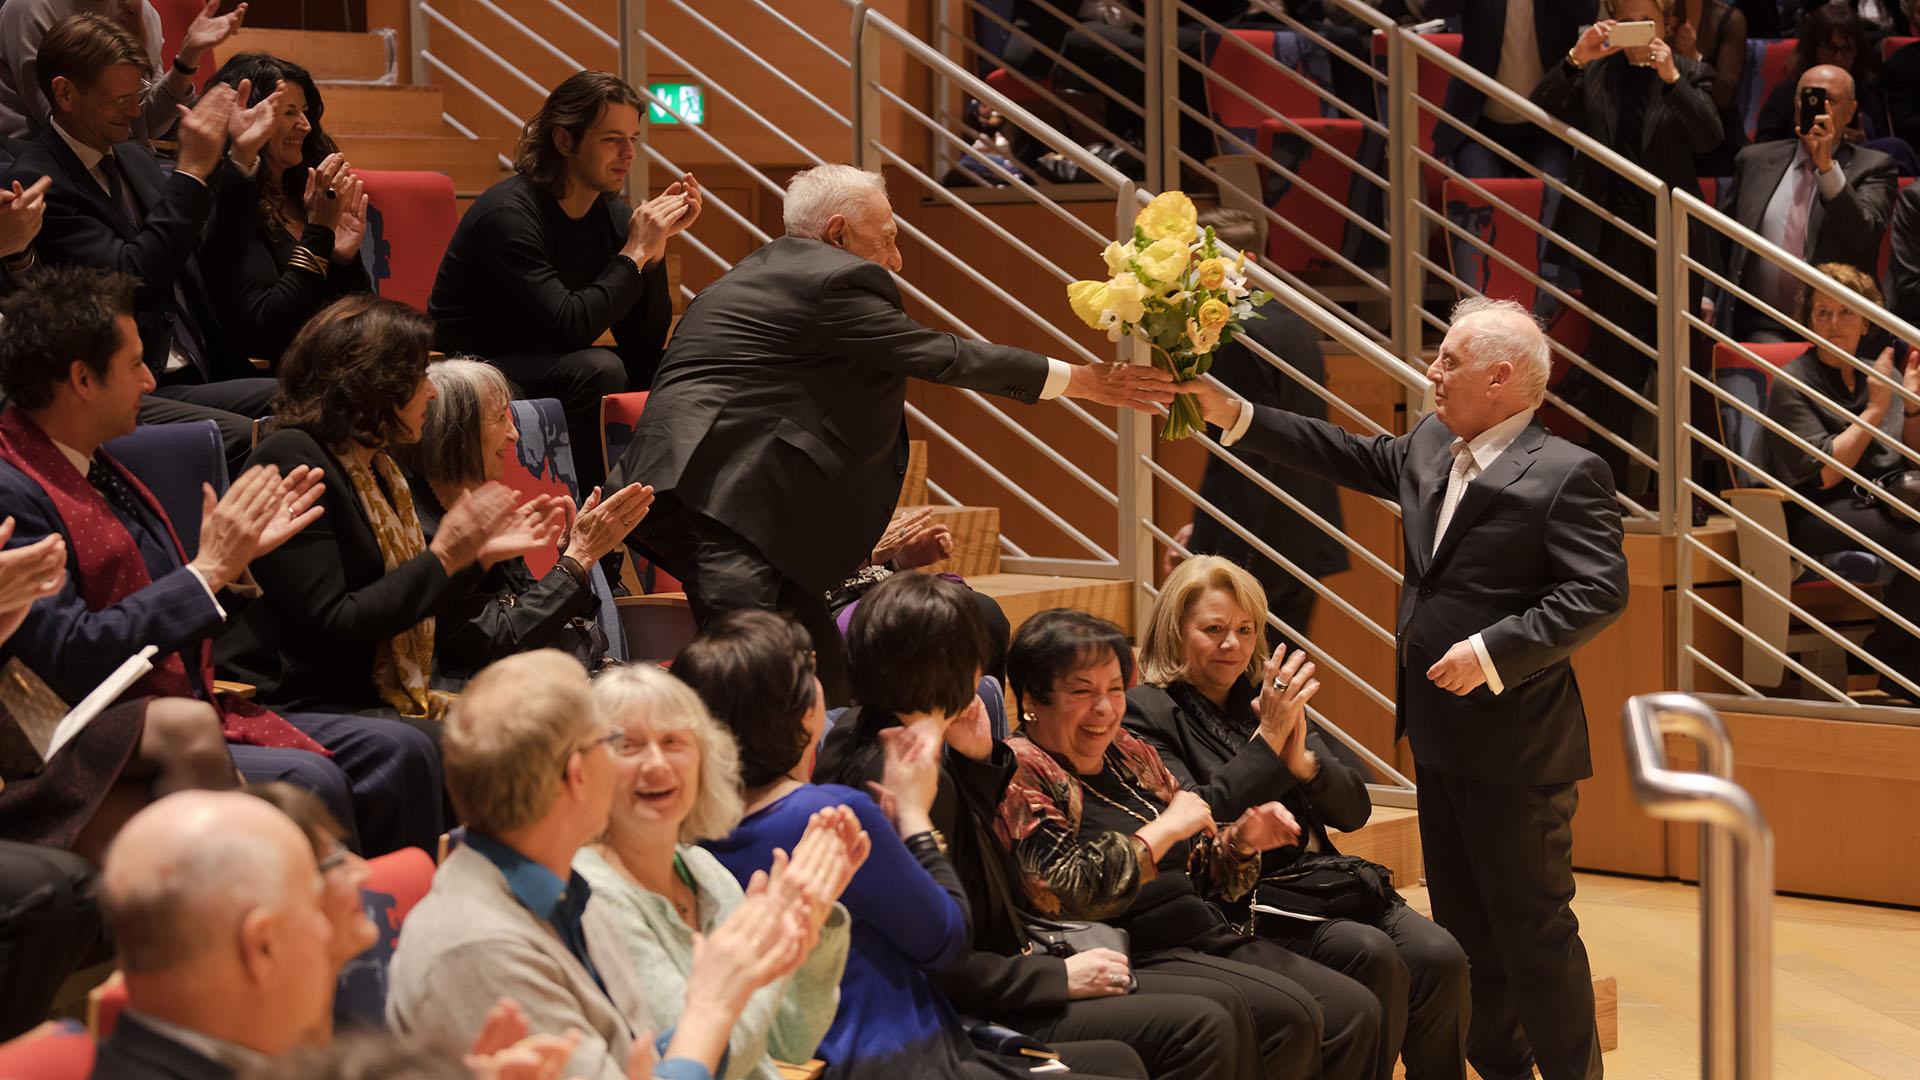 El arquitecto Frank Gehry junto a Barenboim en el concierto del 28/02. Foto © Peter Adamik